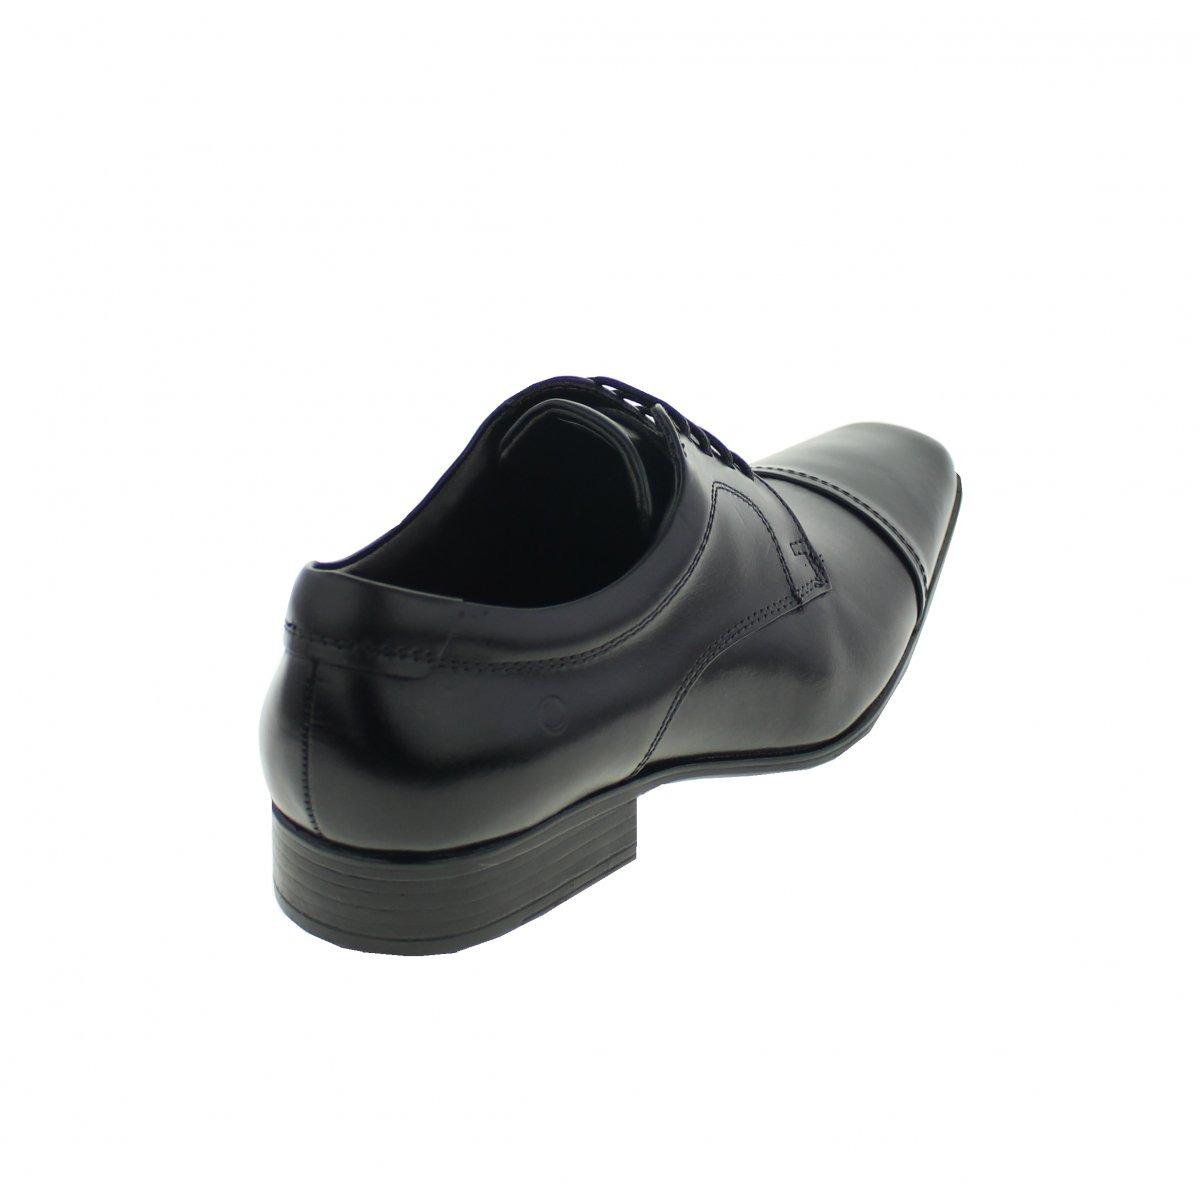 325315e3f5 Sapato Social Democrata 450052-001 Masculino Em Couro - 2018 - R ...